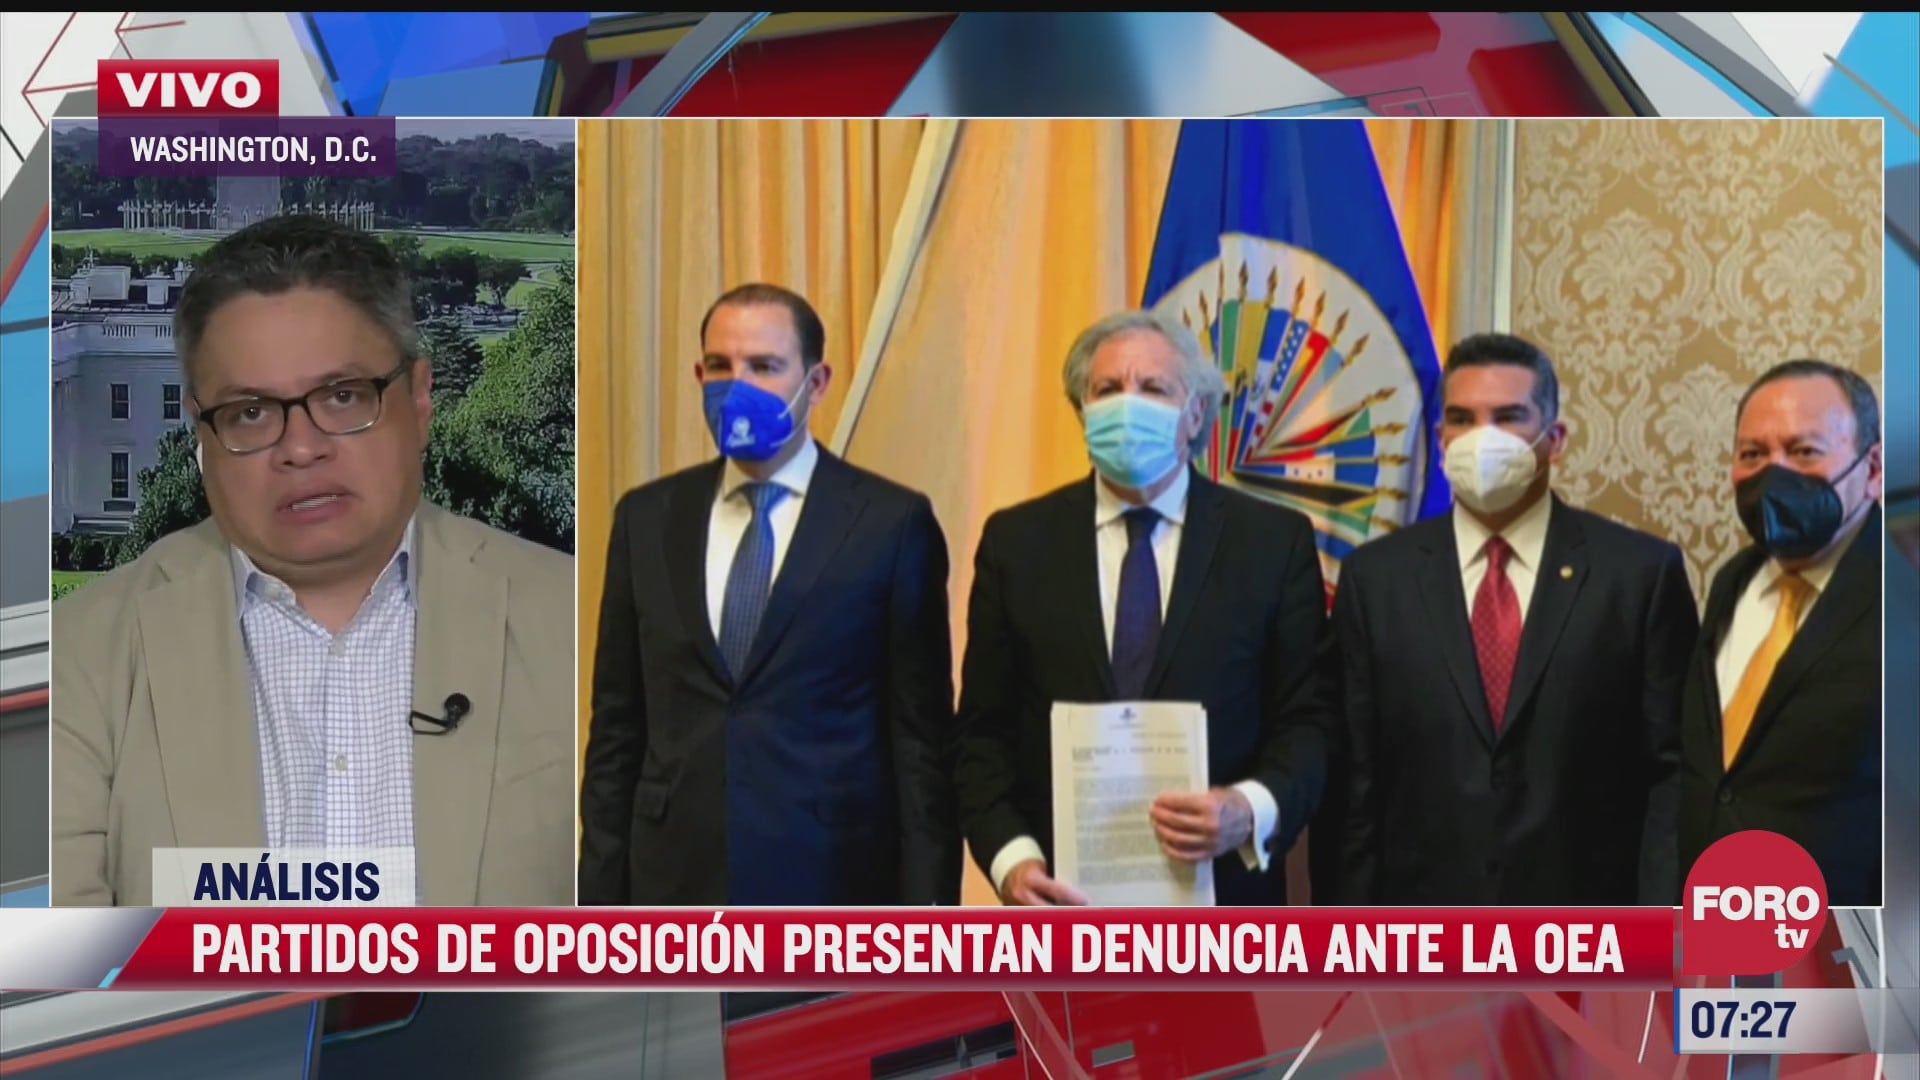 partidos de oposicion presentan denuncia en la oea el analisis en estrictamente personal